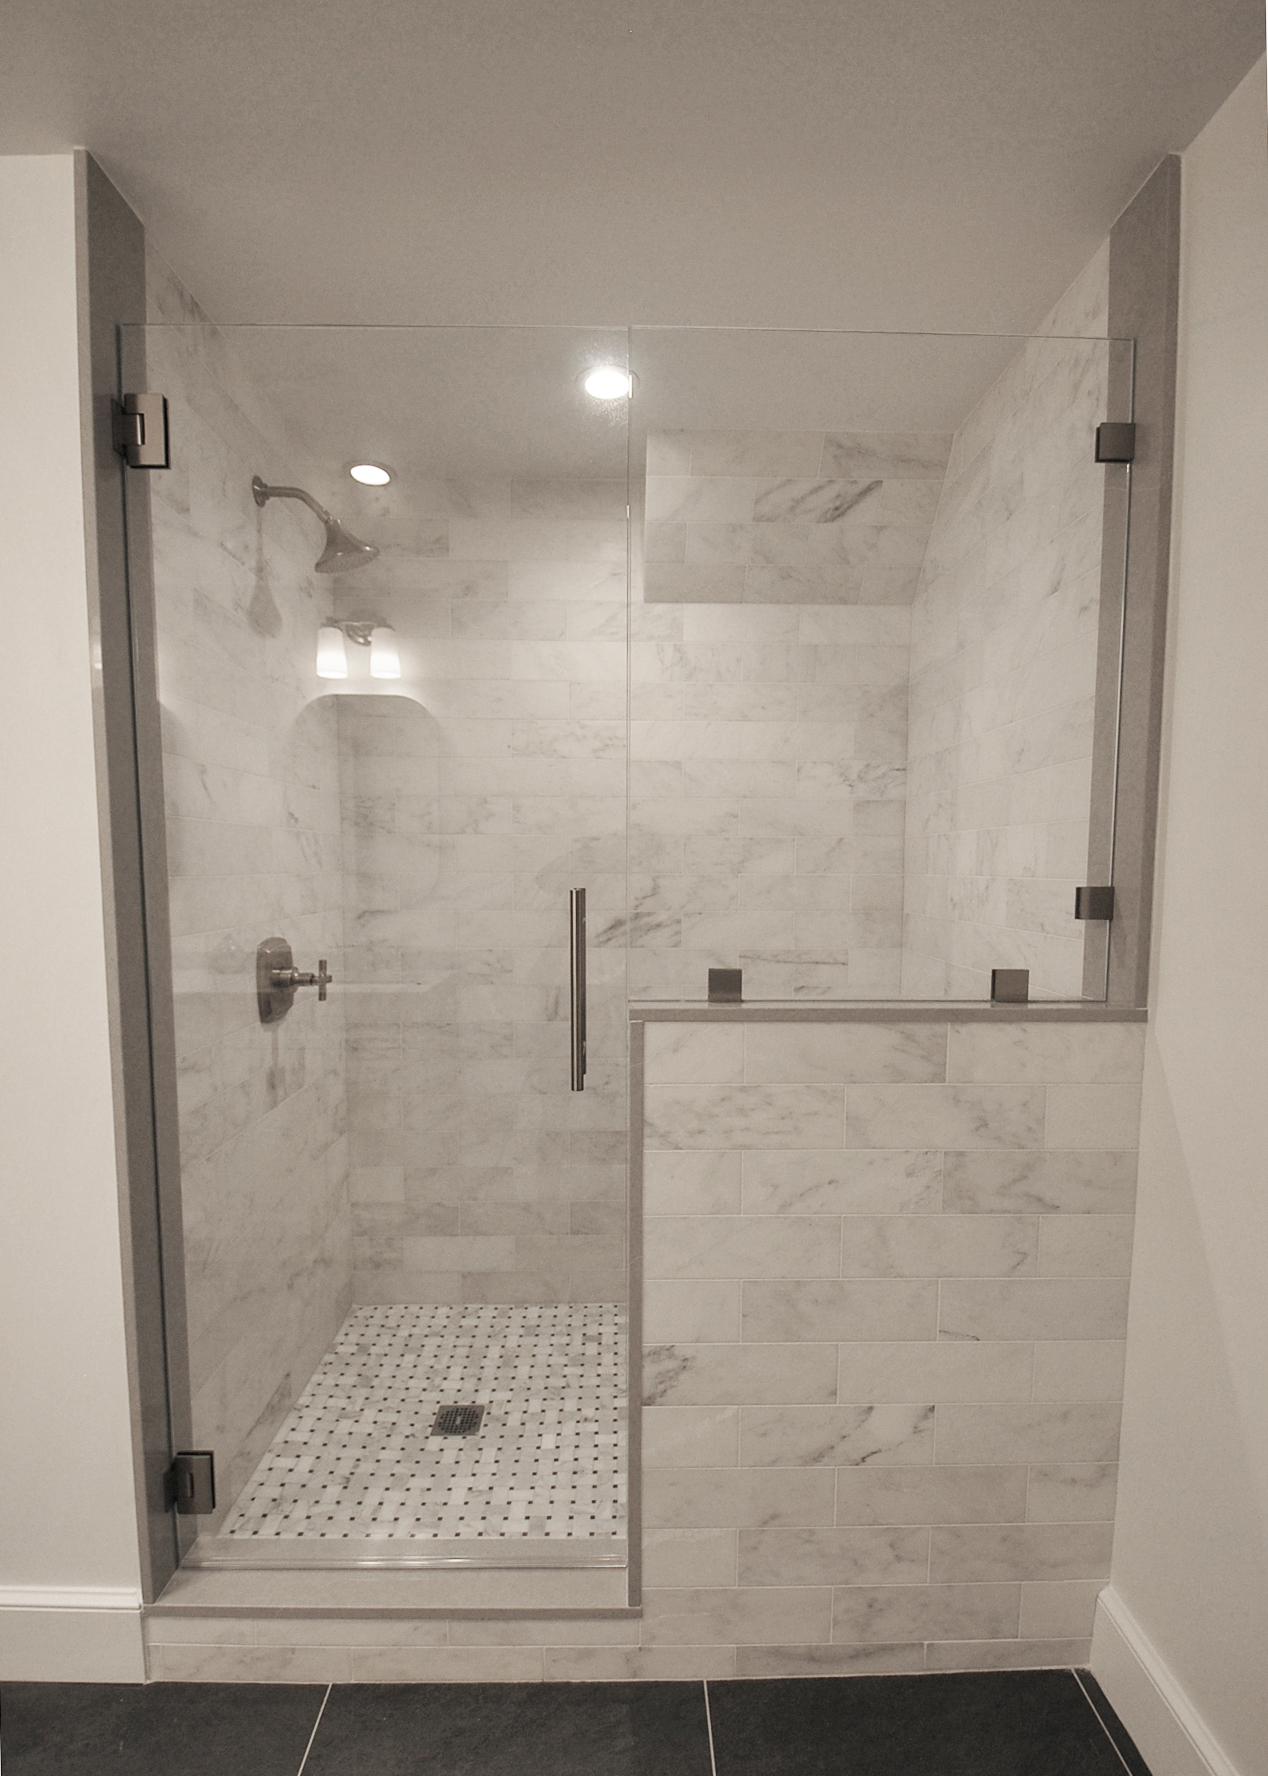 boffa m bath 4.jpg